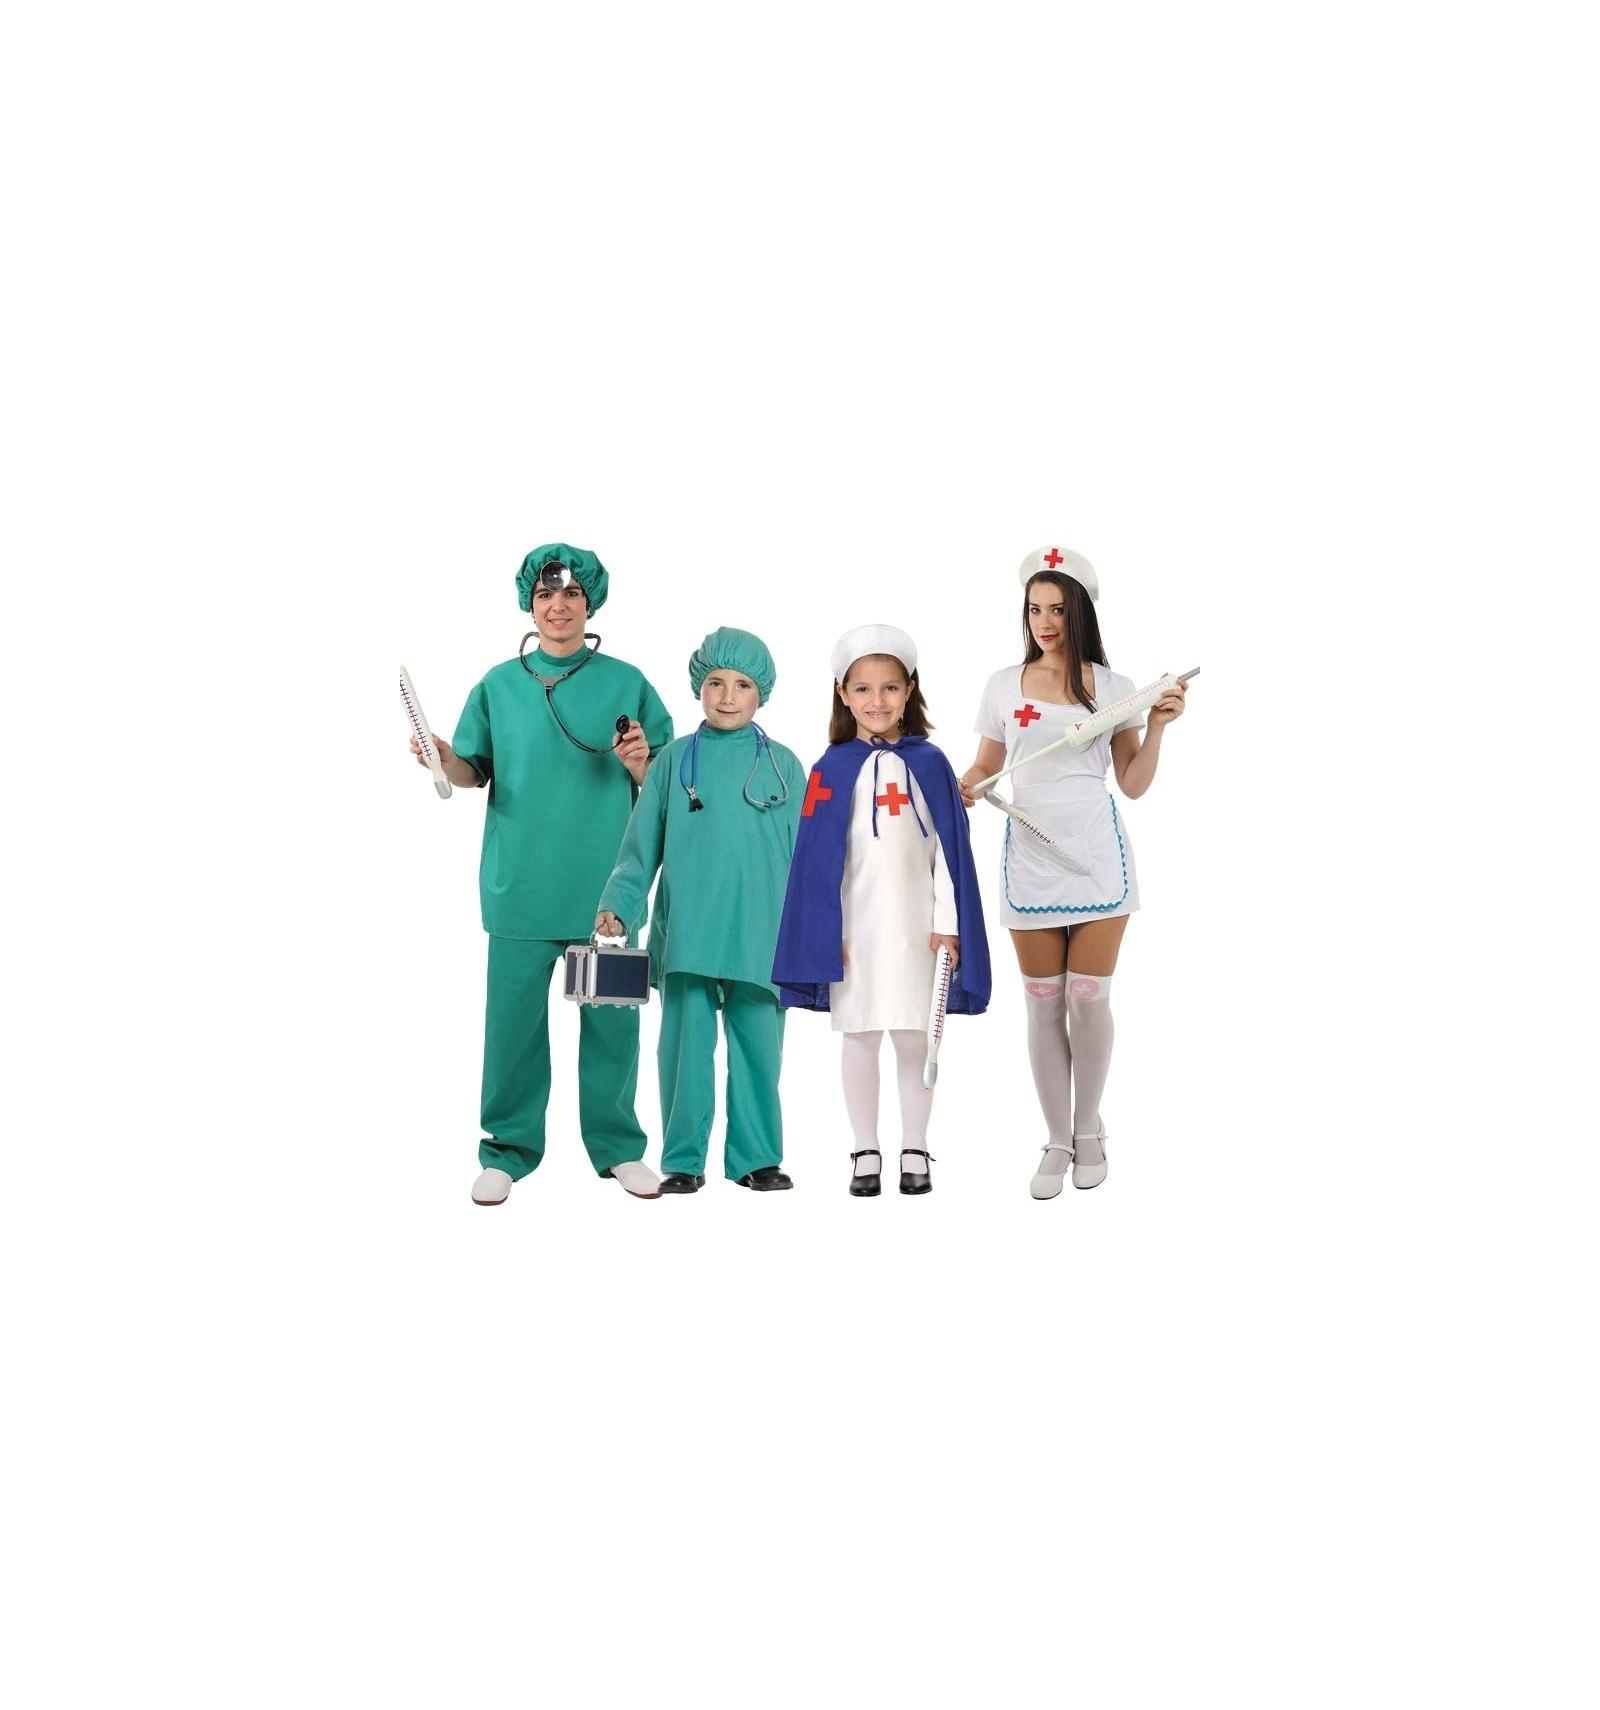 Familia sanitarios tienda de disfraces online for Sanitarios online